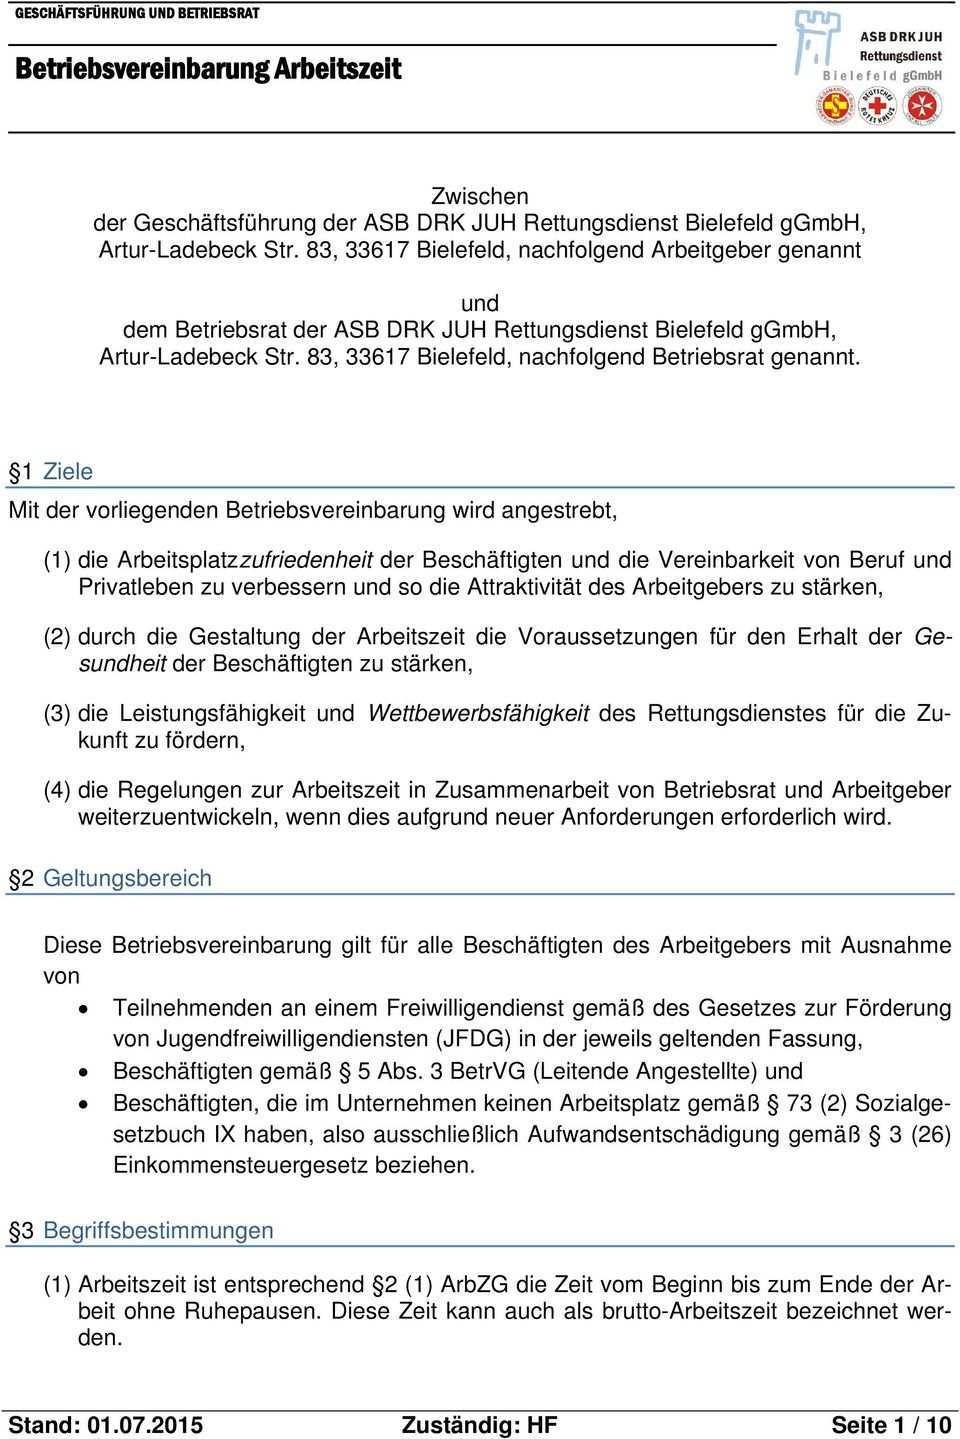 Betriebsvereinbarung Arbeitszeit Pdf Free Download